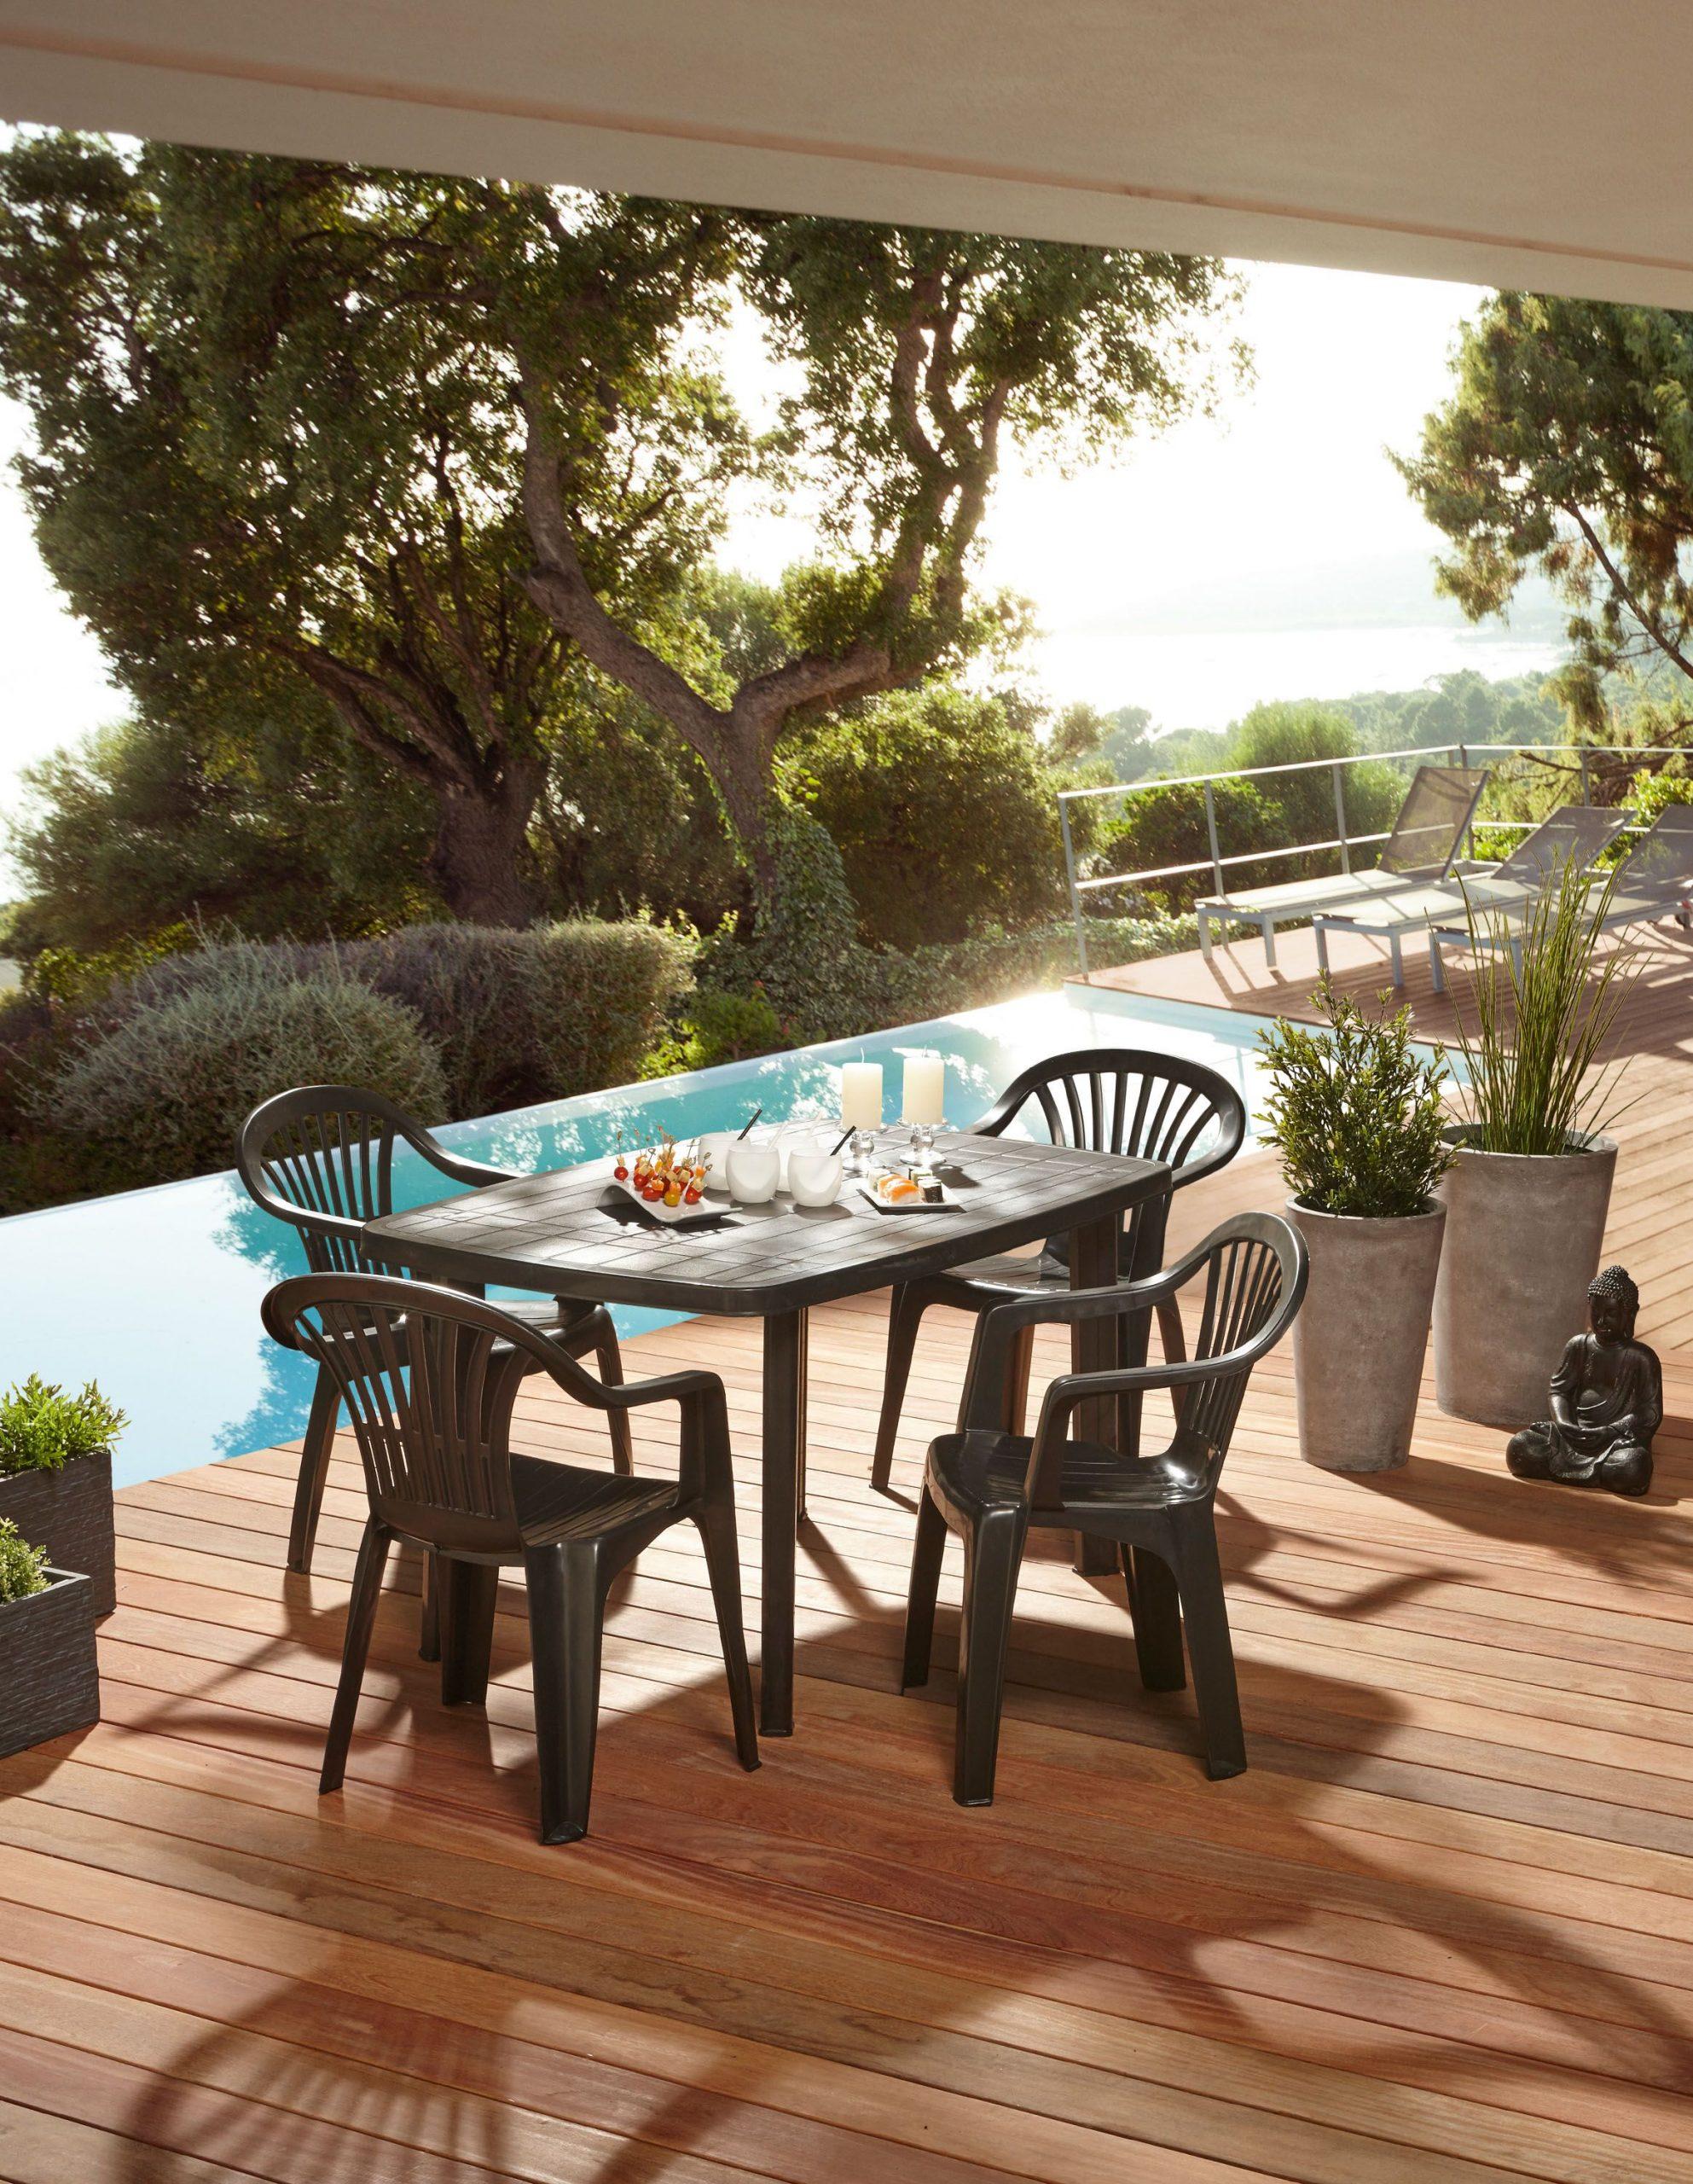 Mobilier De Jardin Centrakor | Salon De Jardin, Mobilier De ... avec Salon De Jardin Intermarché